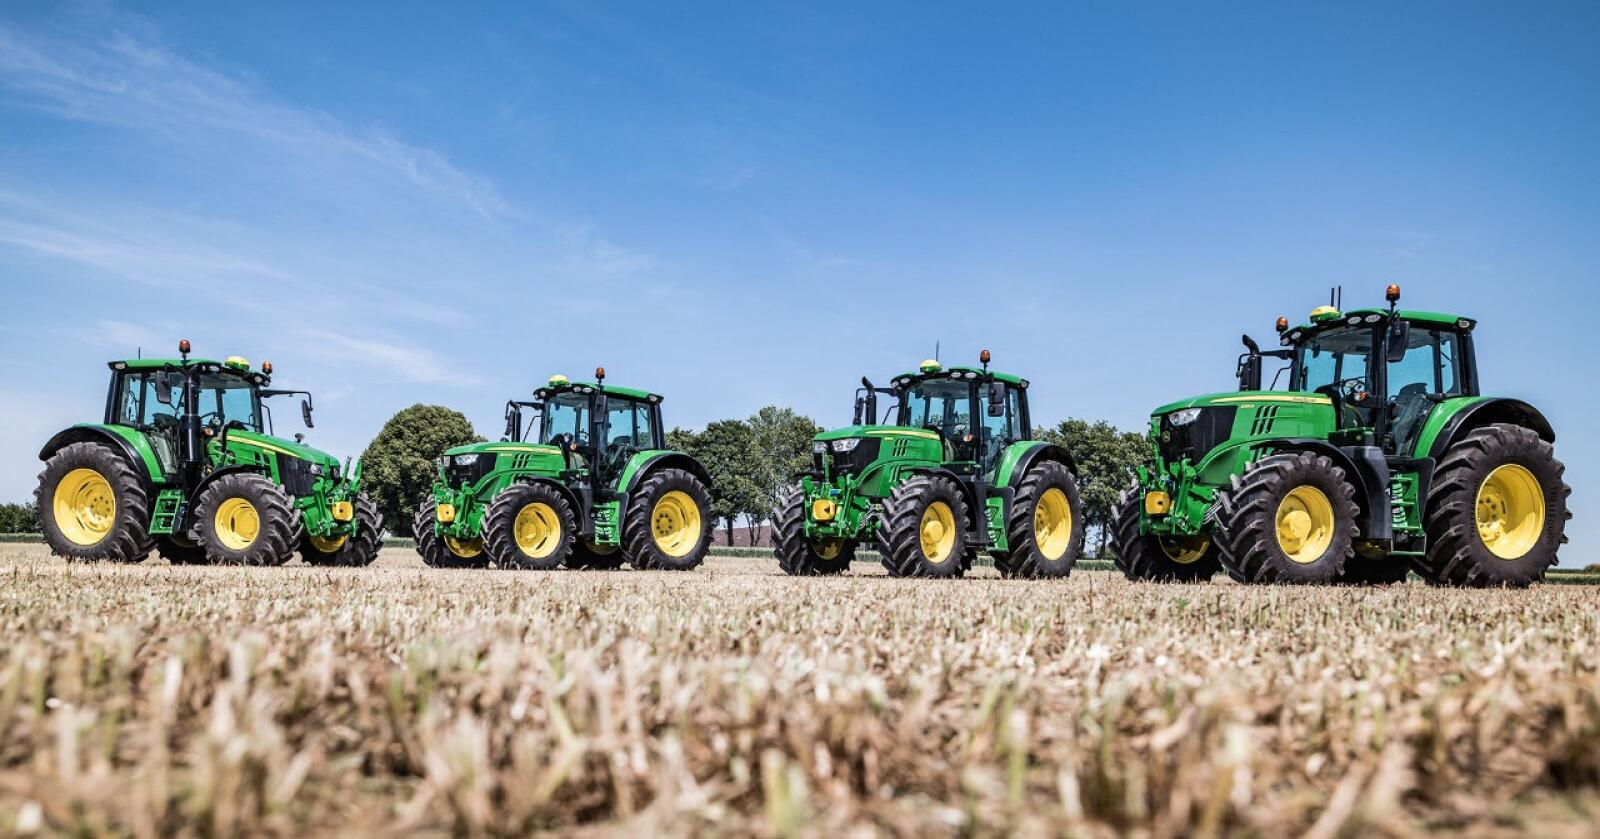 Markedsvinner: John Deere ble mestselgende traktormerke i Sverige i 2020. Foto: John Deere